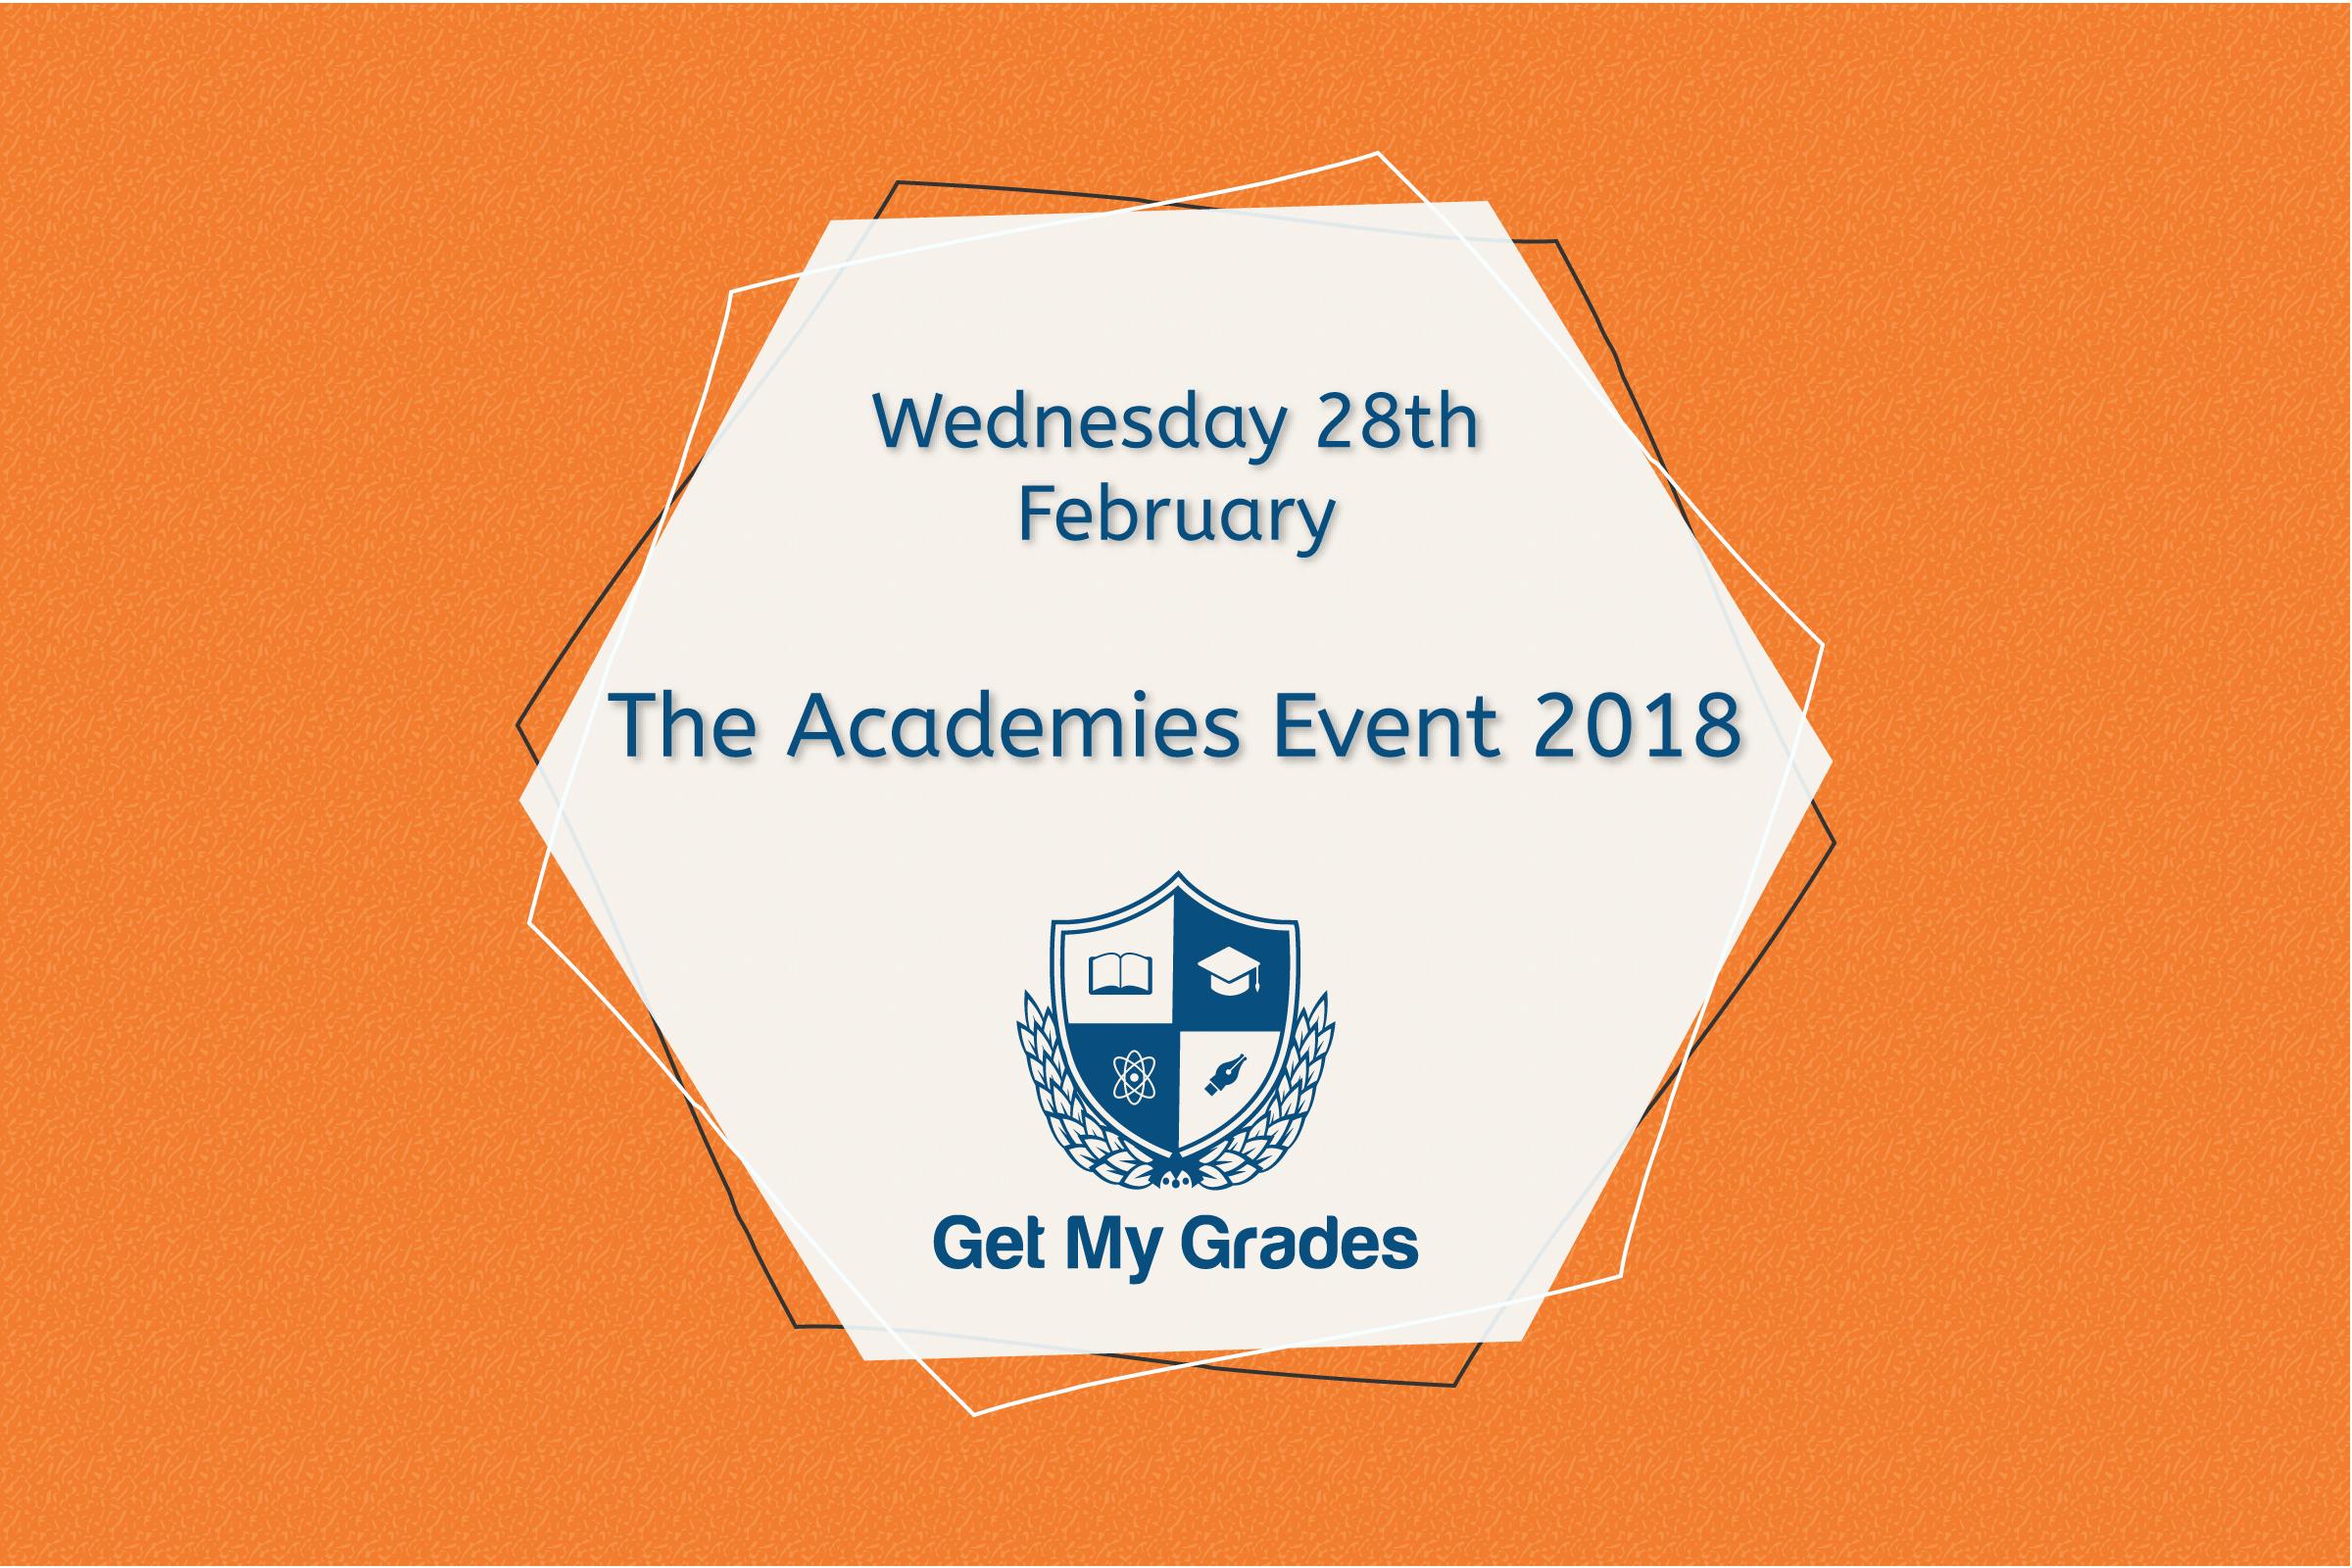 The Academies Event 2018